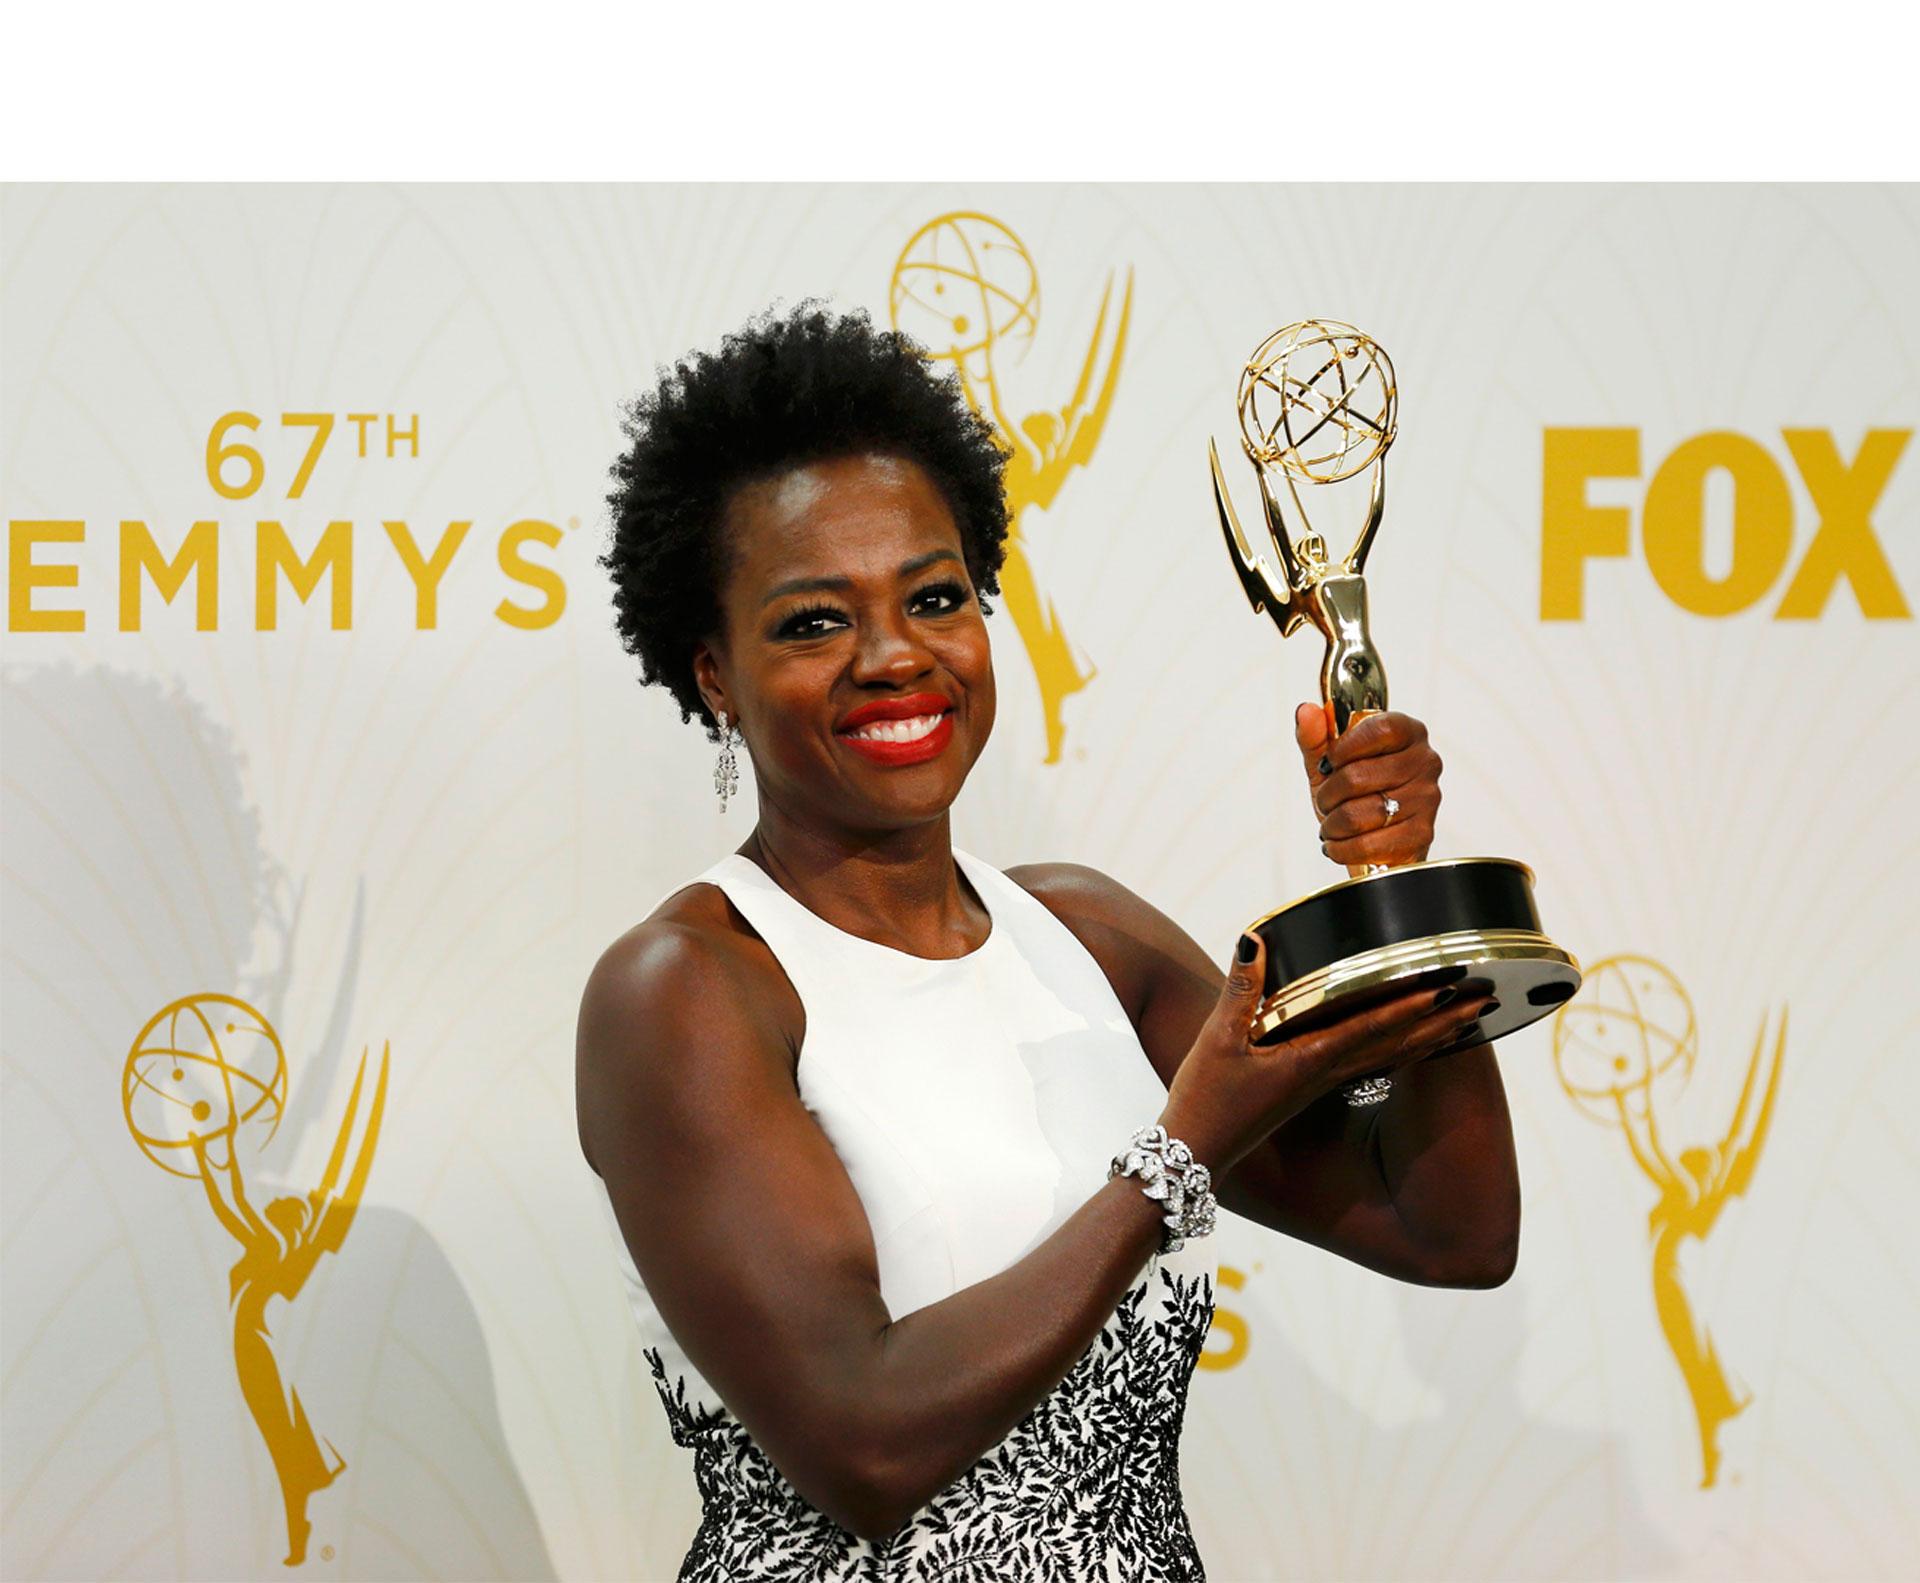 Conoce los ganadores de los Emmy de este año, empezando por Viola Davis, quien hizo historia en los premios